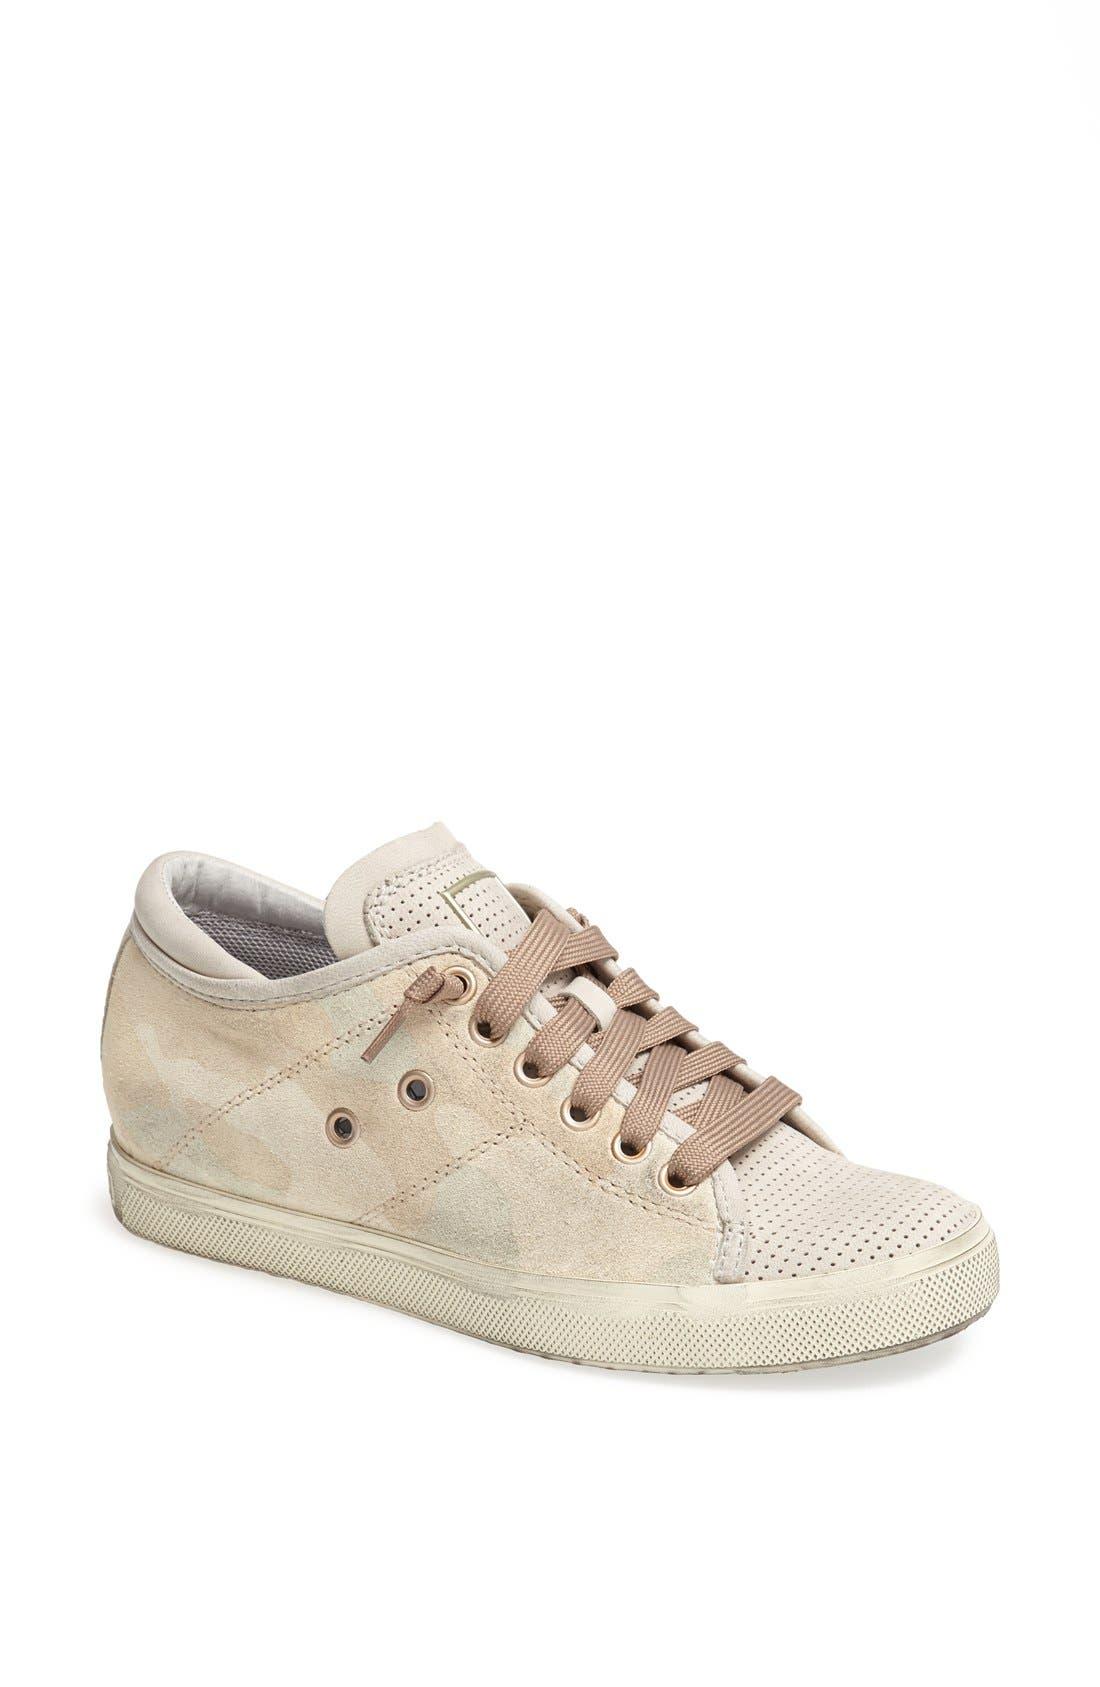 Alternate Image 1 Selected - Dolce Vita 'Zev' Sneaker